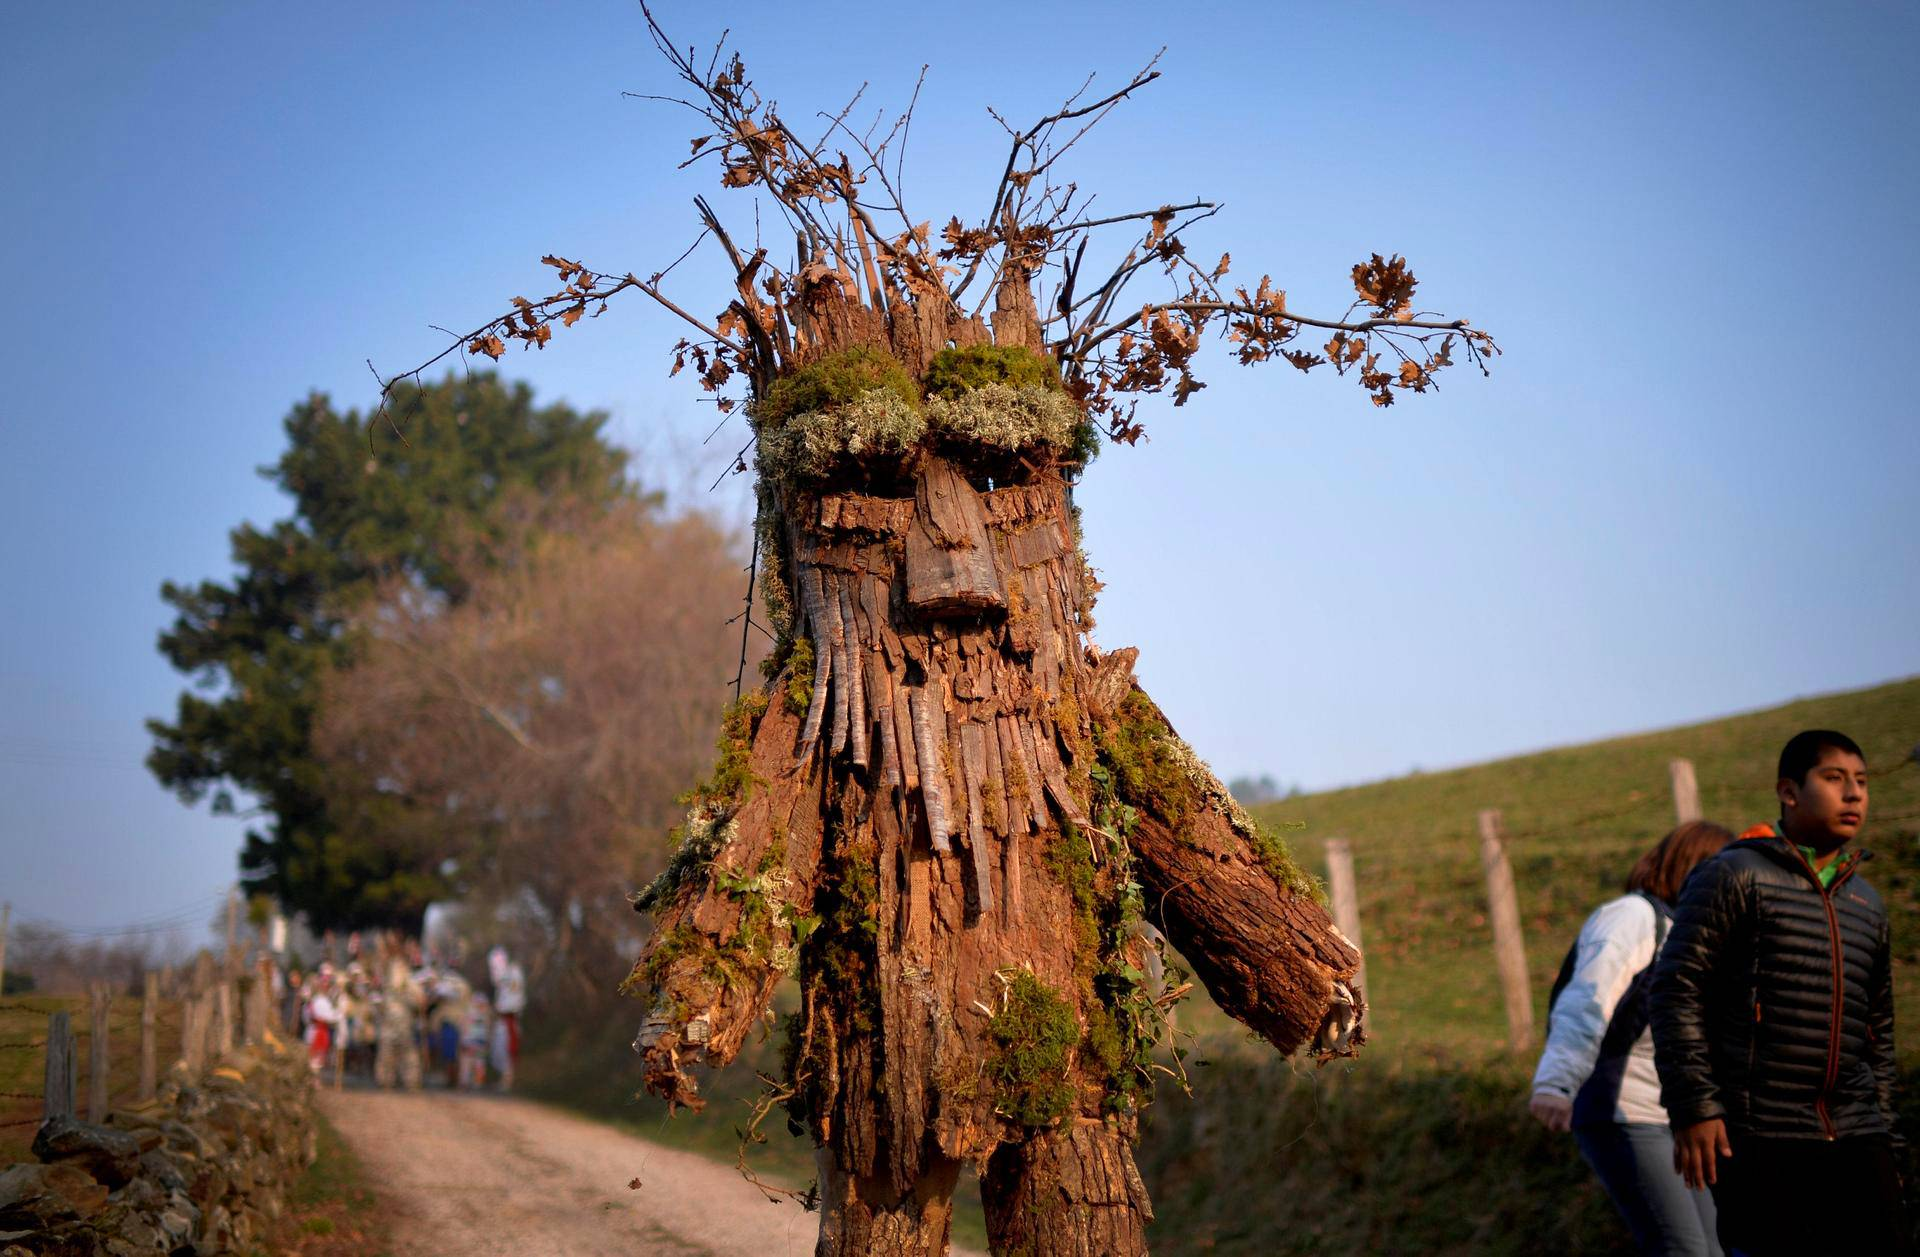 Mies oli pukeutunut puuksi La Vijanera -juhlassa Silossa Espanjassa. Juhla aloittaa Espanjan karnevaalikauden.